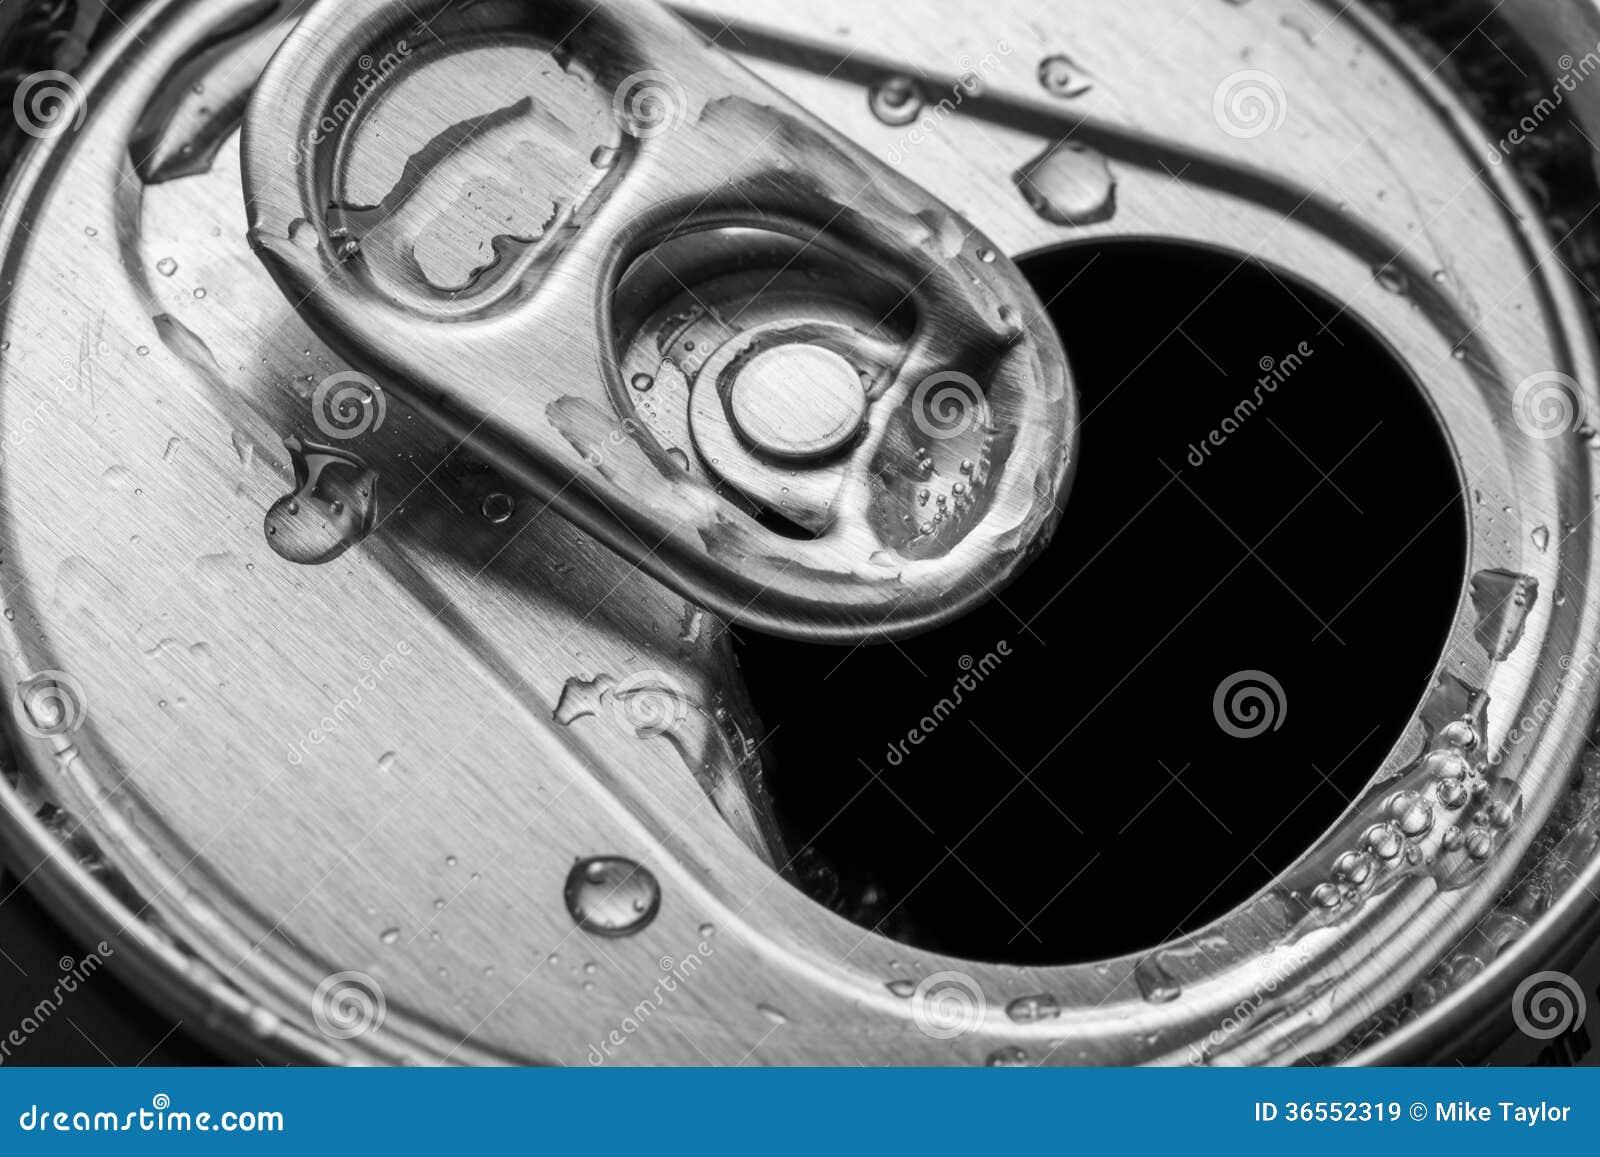 Offene Getränke können stockbild. Bild von behälter, abschluß - 36552319